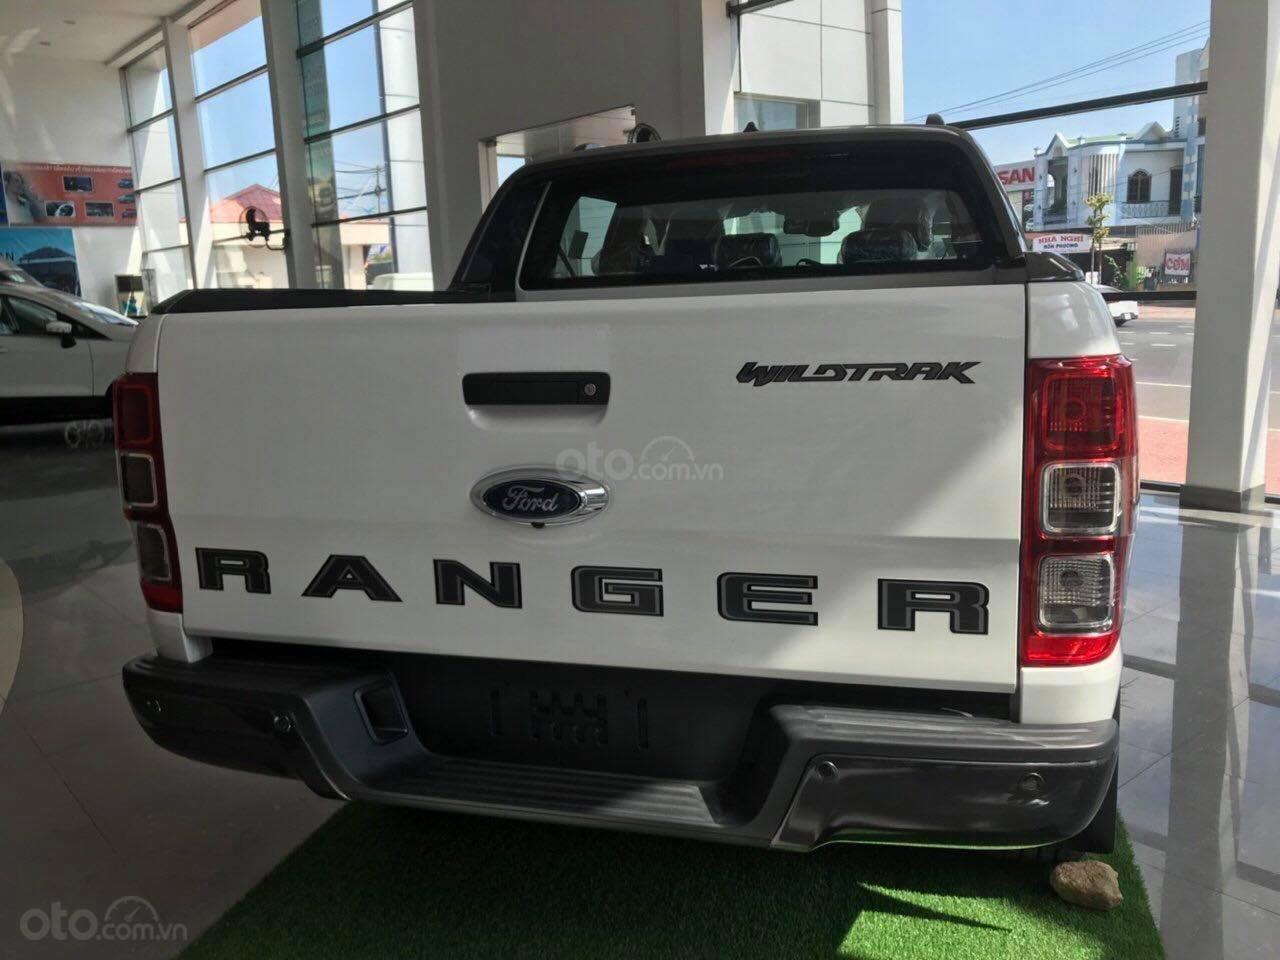 Bán Ford Ranger Wildtrack sản xuất năm 2019, màu trắng (3)